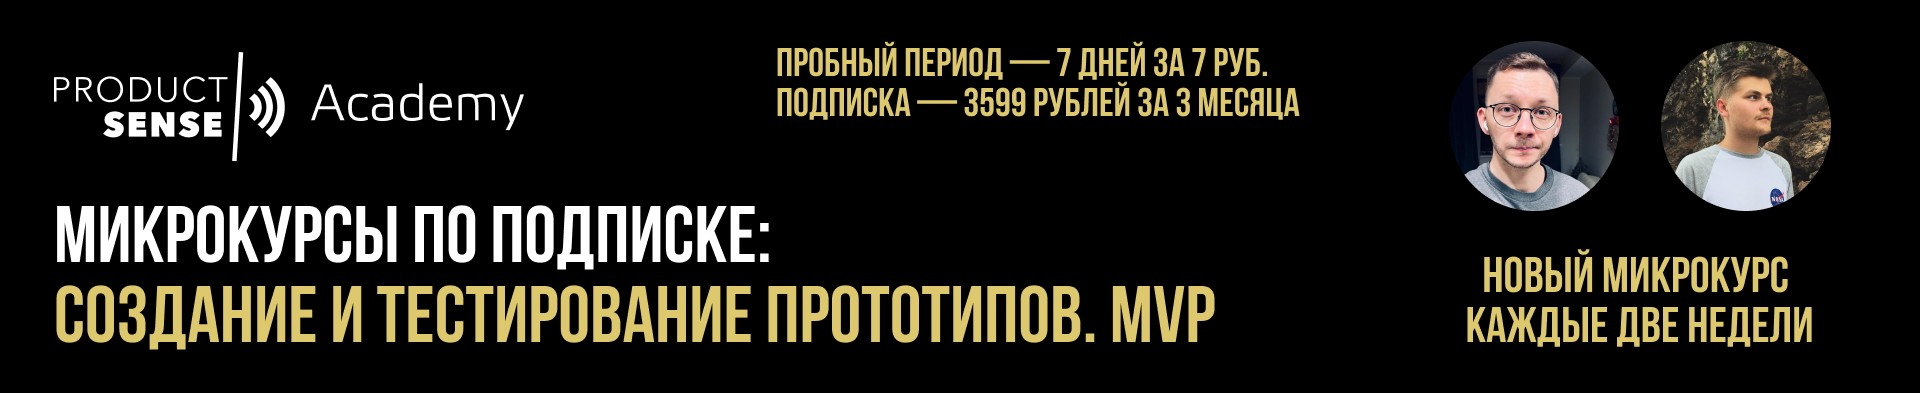 Микрокурс «Создание и тестирование прототипов. MVP» — Владимир Баяндин, Стас Пятикоп